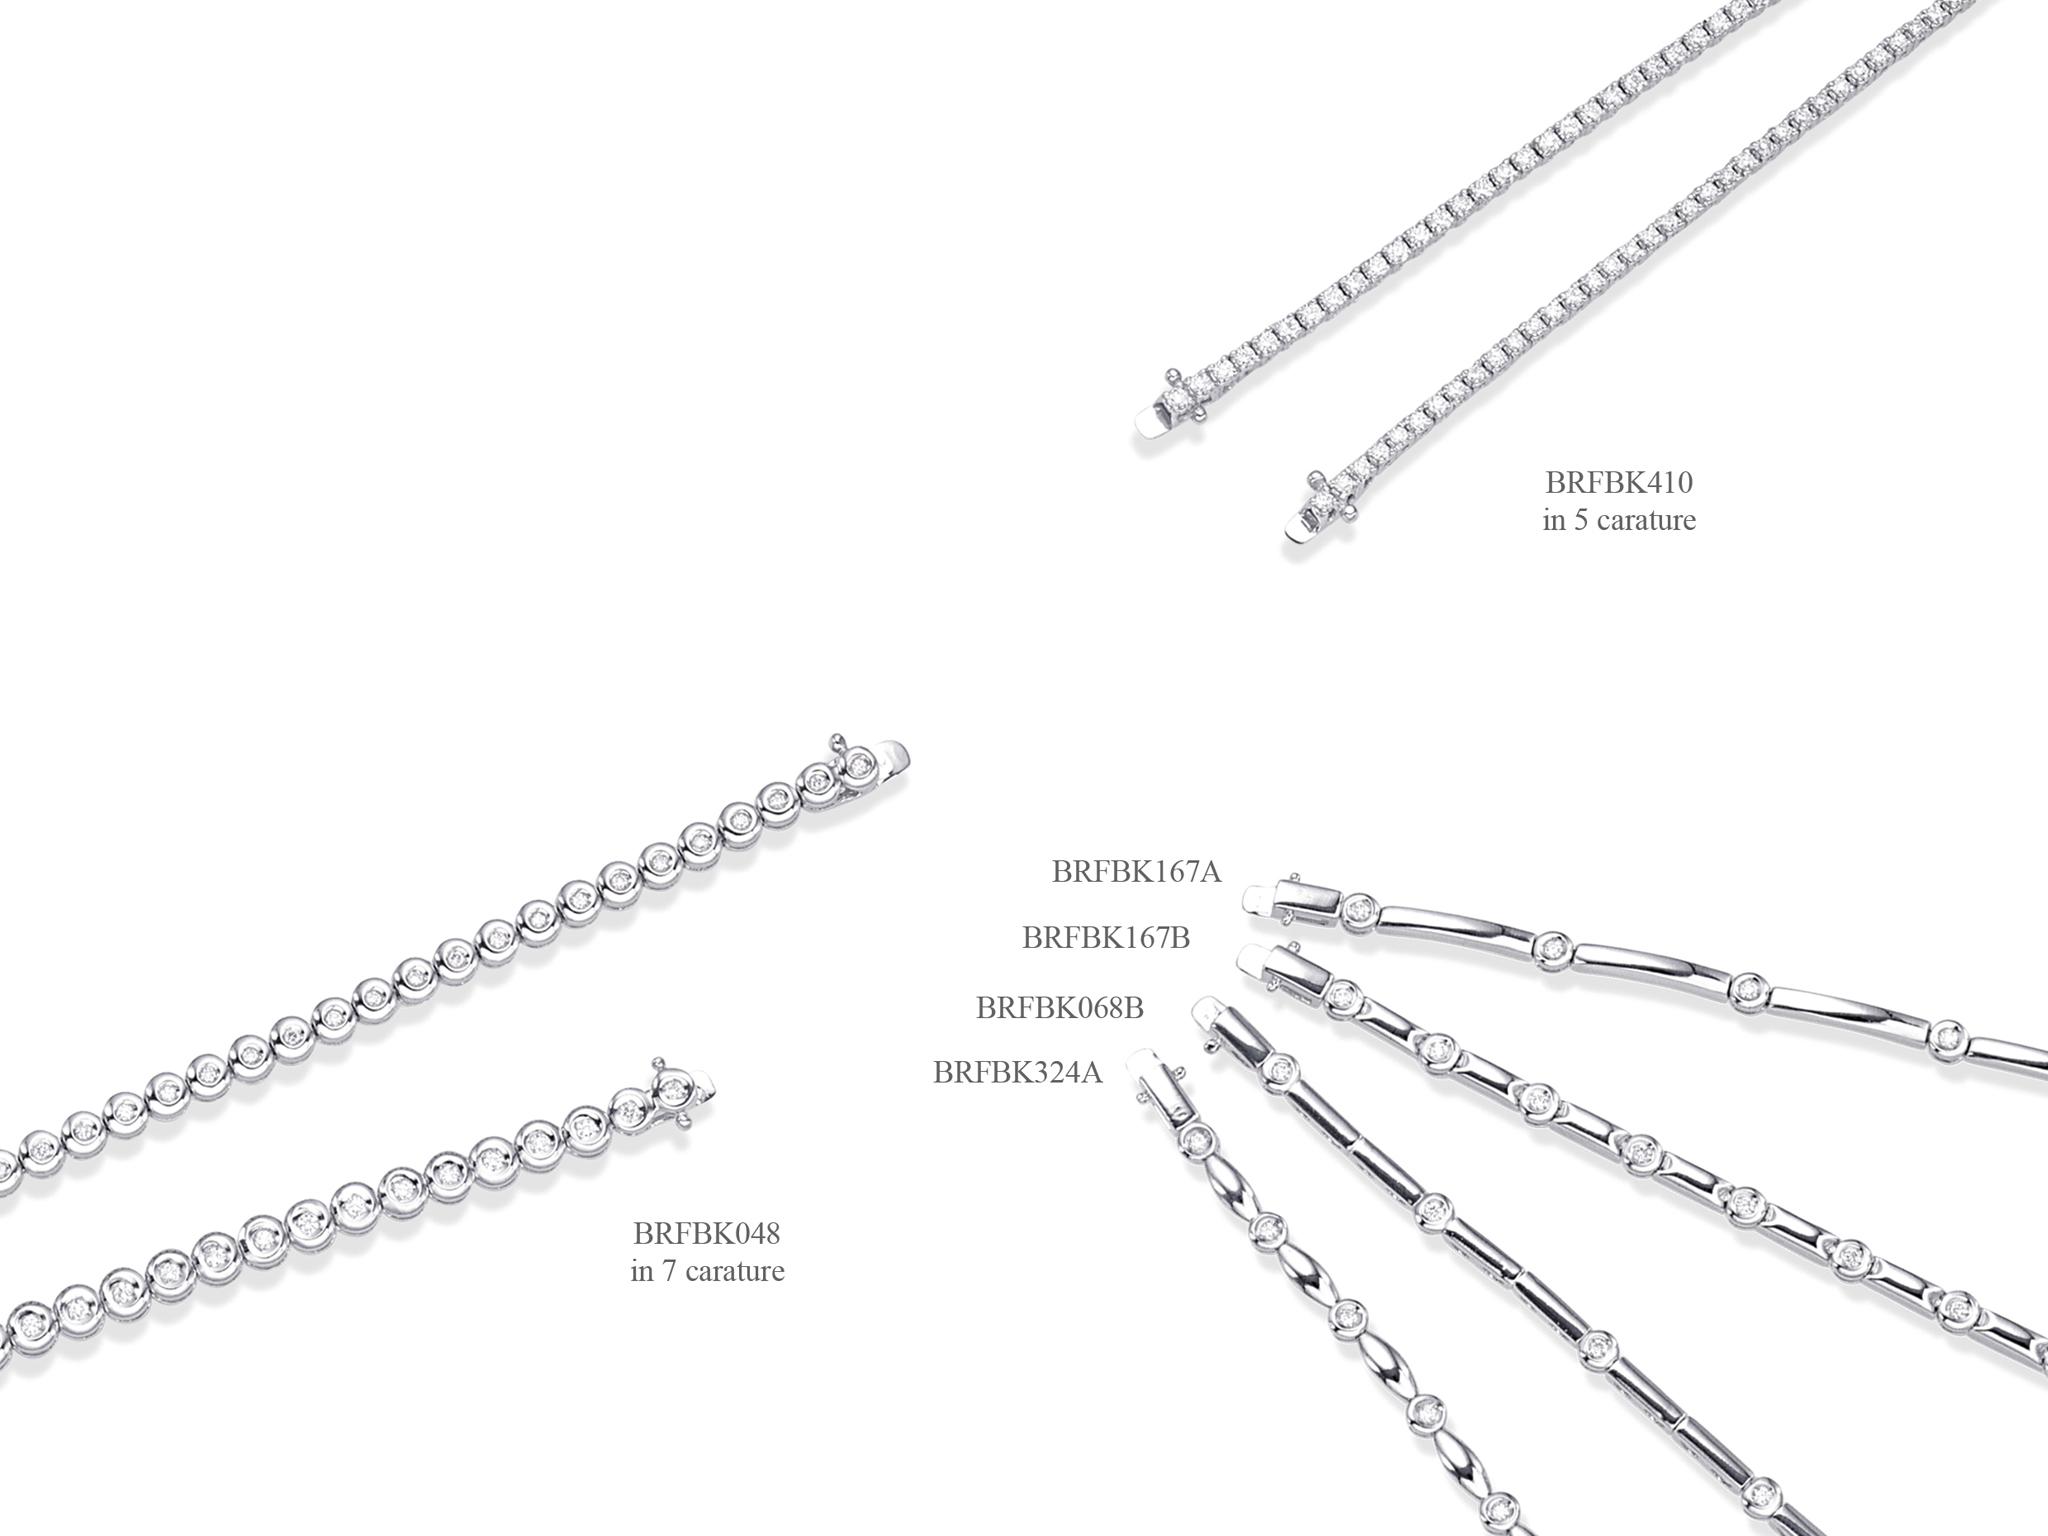 diamanti_pagina_29_app